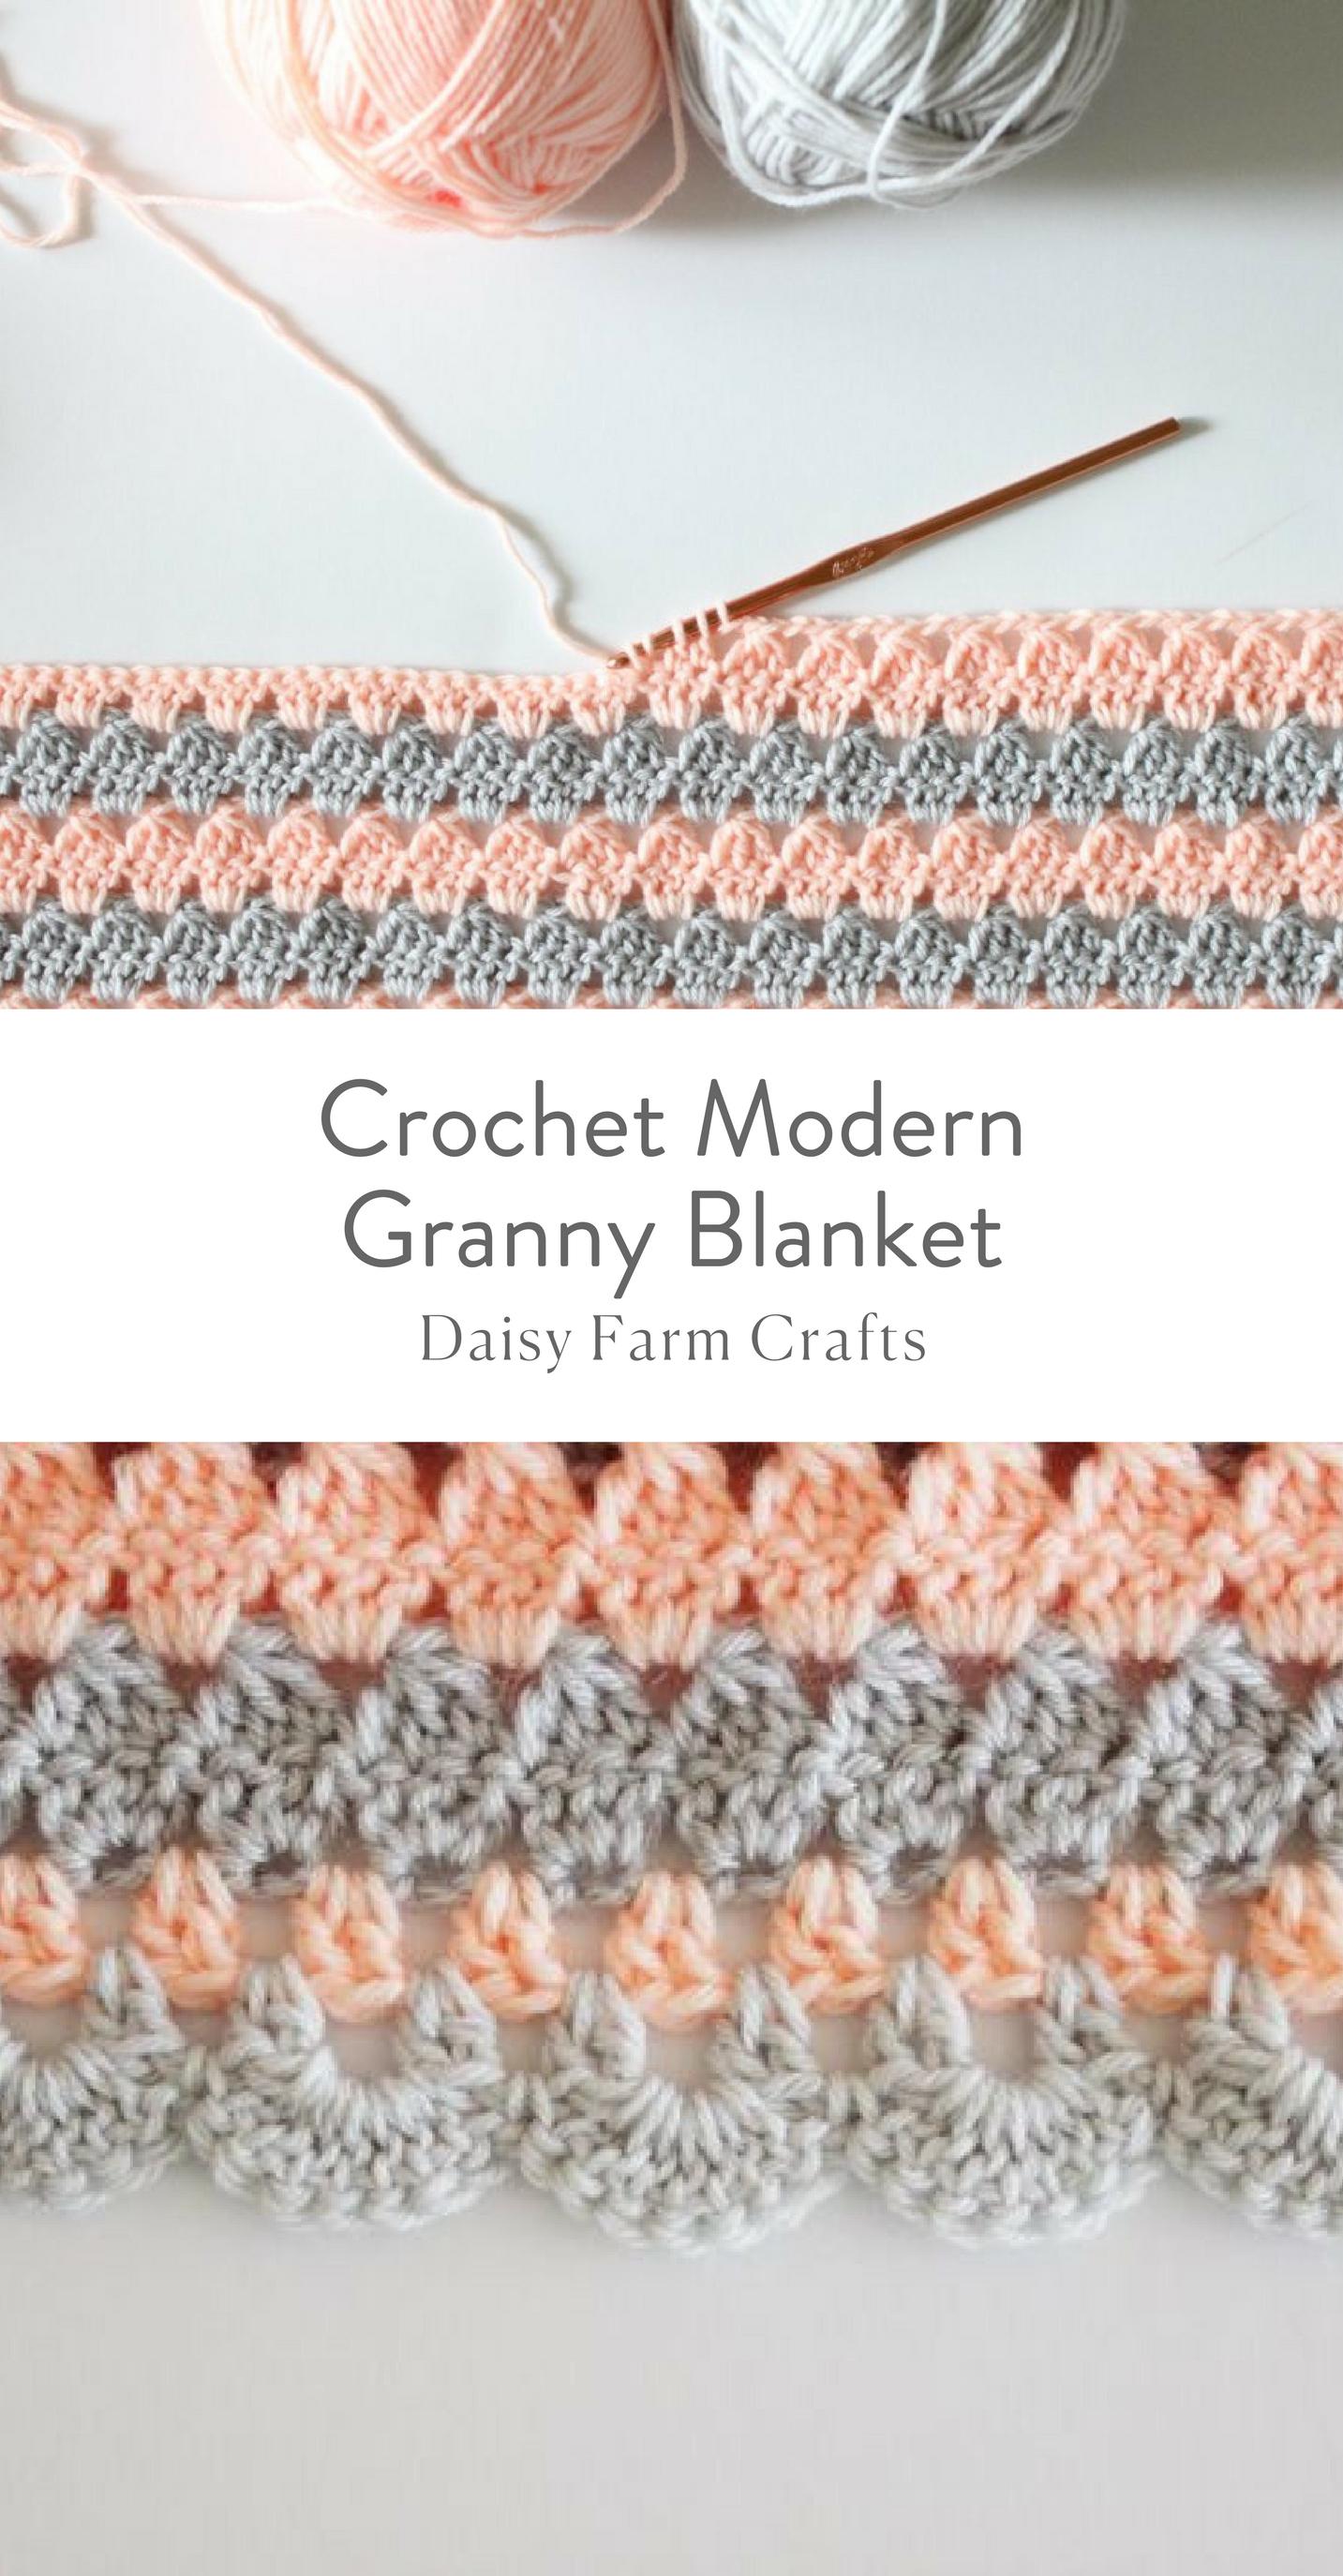 Free Pattern - Crochet Modern Granny Blanket #crochetpattern ...